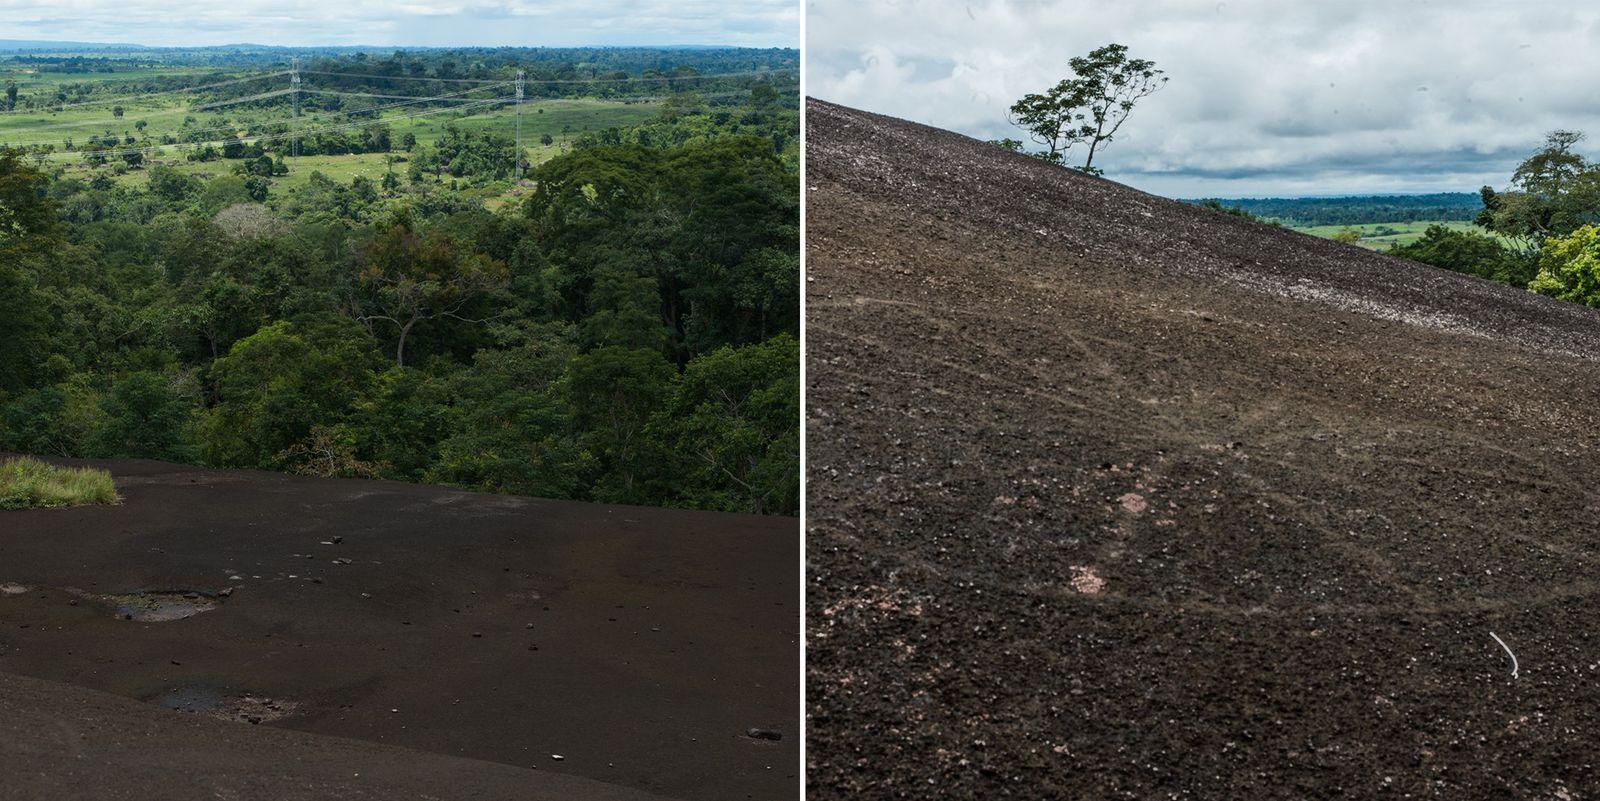 Linhas de transmissão (à esquerda) são visíveis do alto da rocha granítica do sítio arqueológico da ...